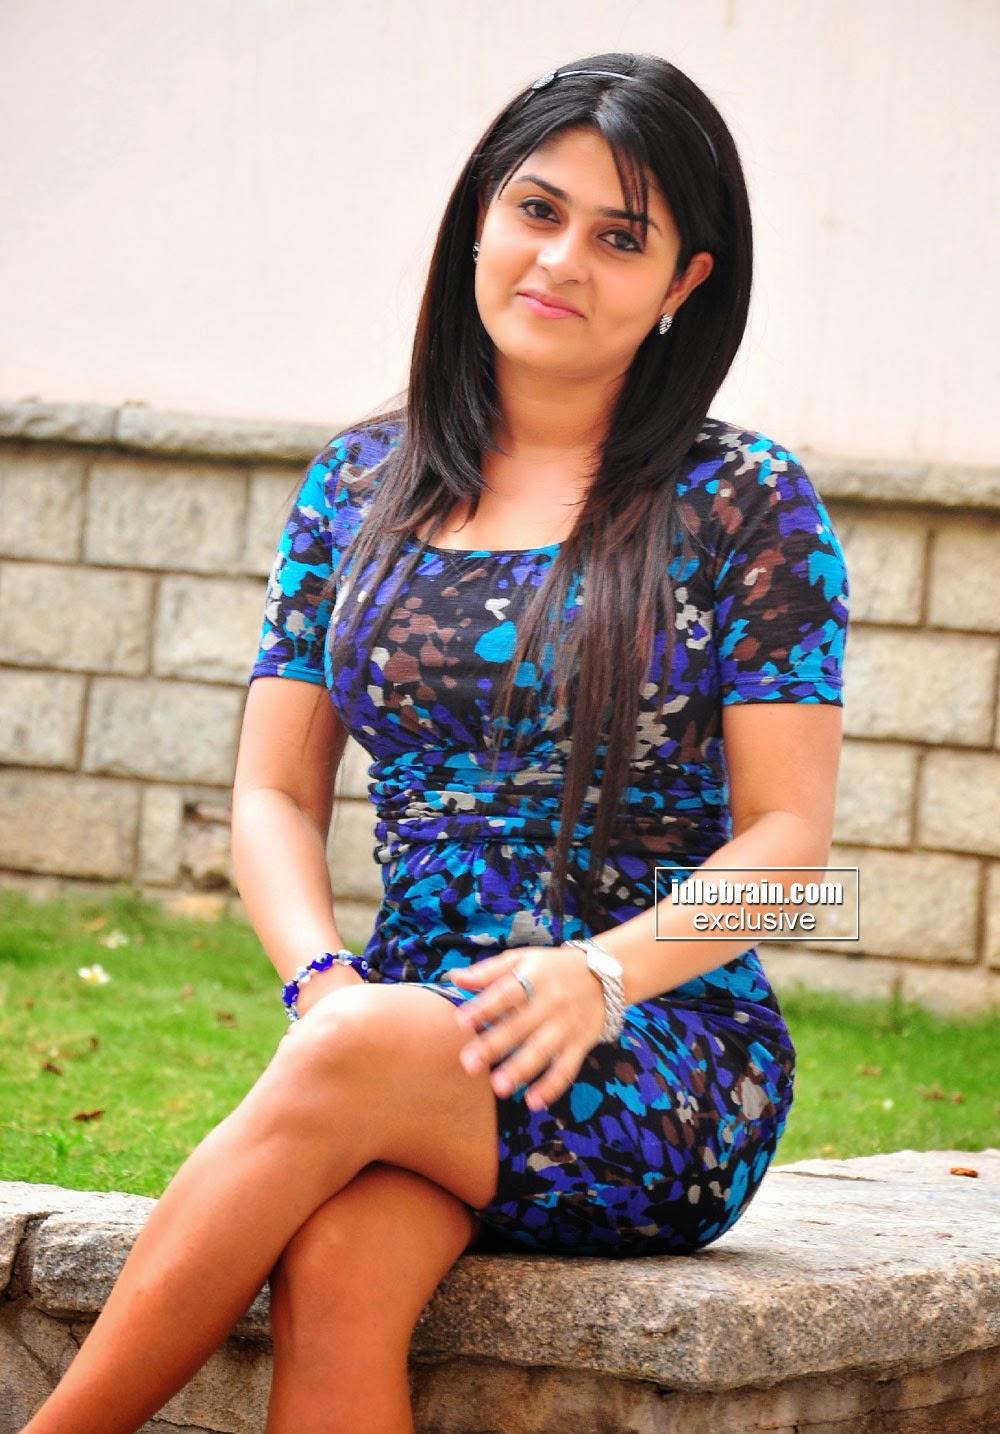 Indian hot actress sexy pictures : Manjulika actress sexy ...